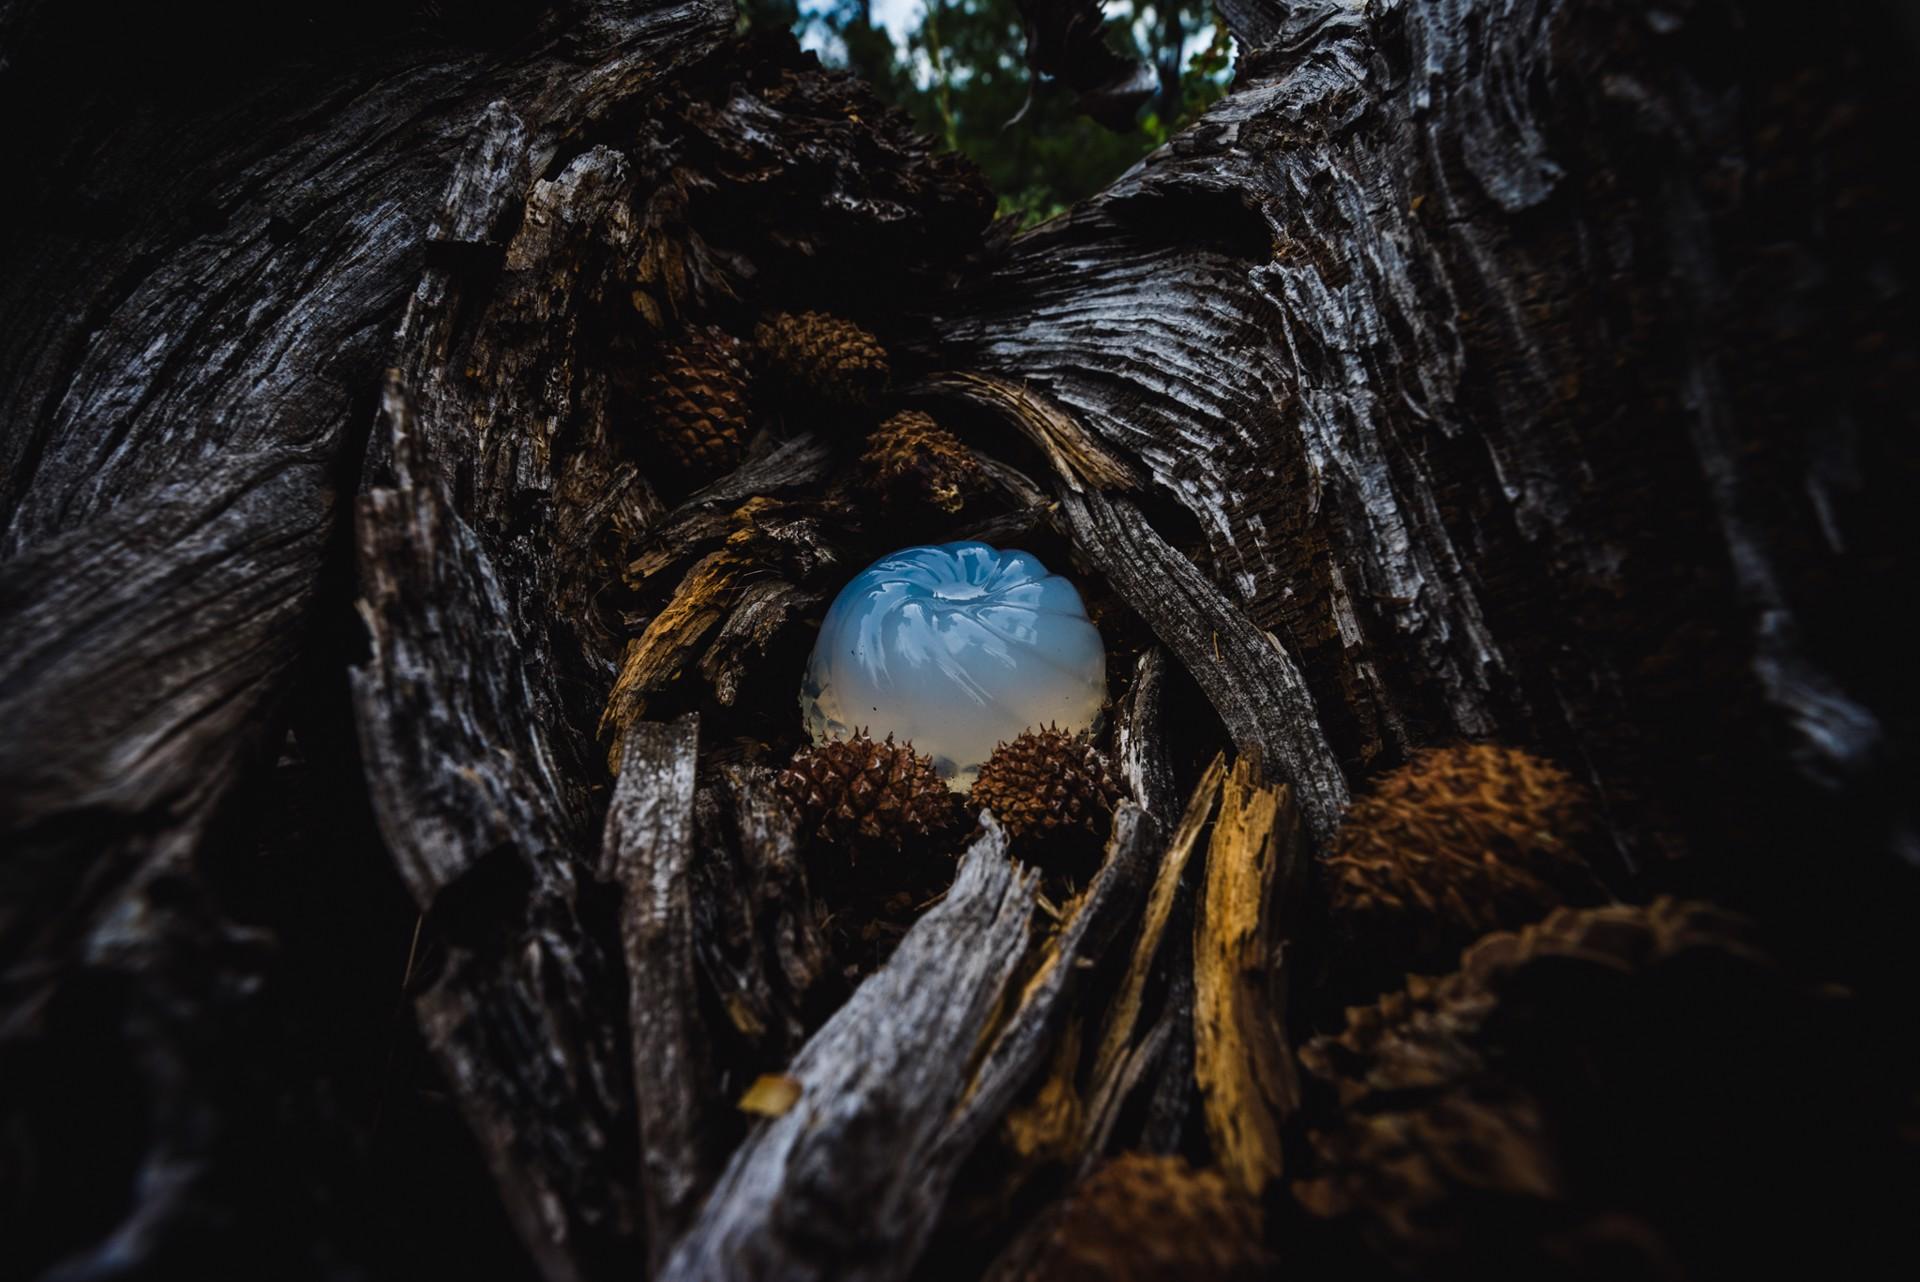 Nest by Jenya Chernoff